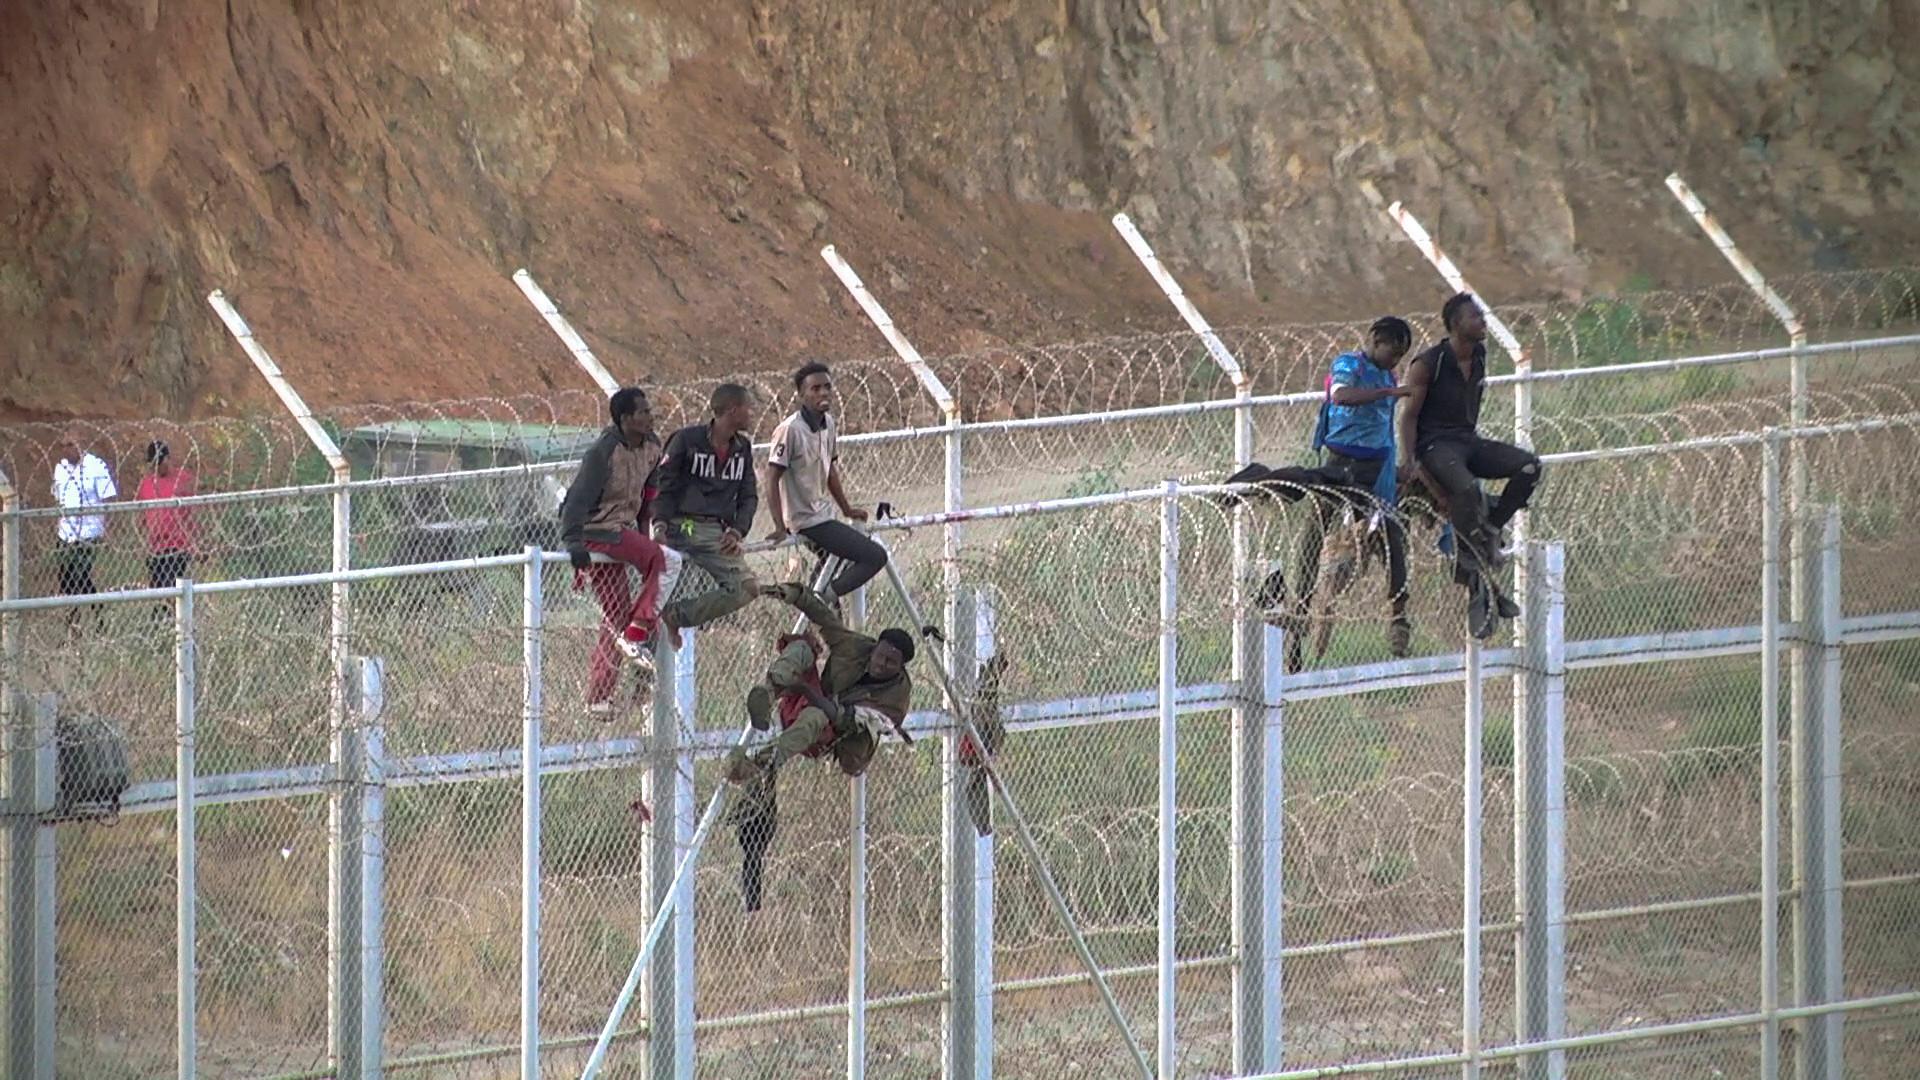 Bis zu 600 Migranten stürmen gewaltsam in spanische Exklave Ceuta (Fotos, Videos)